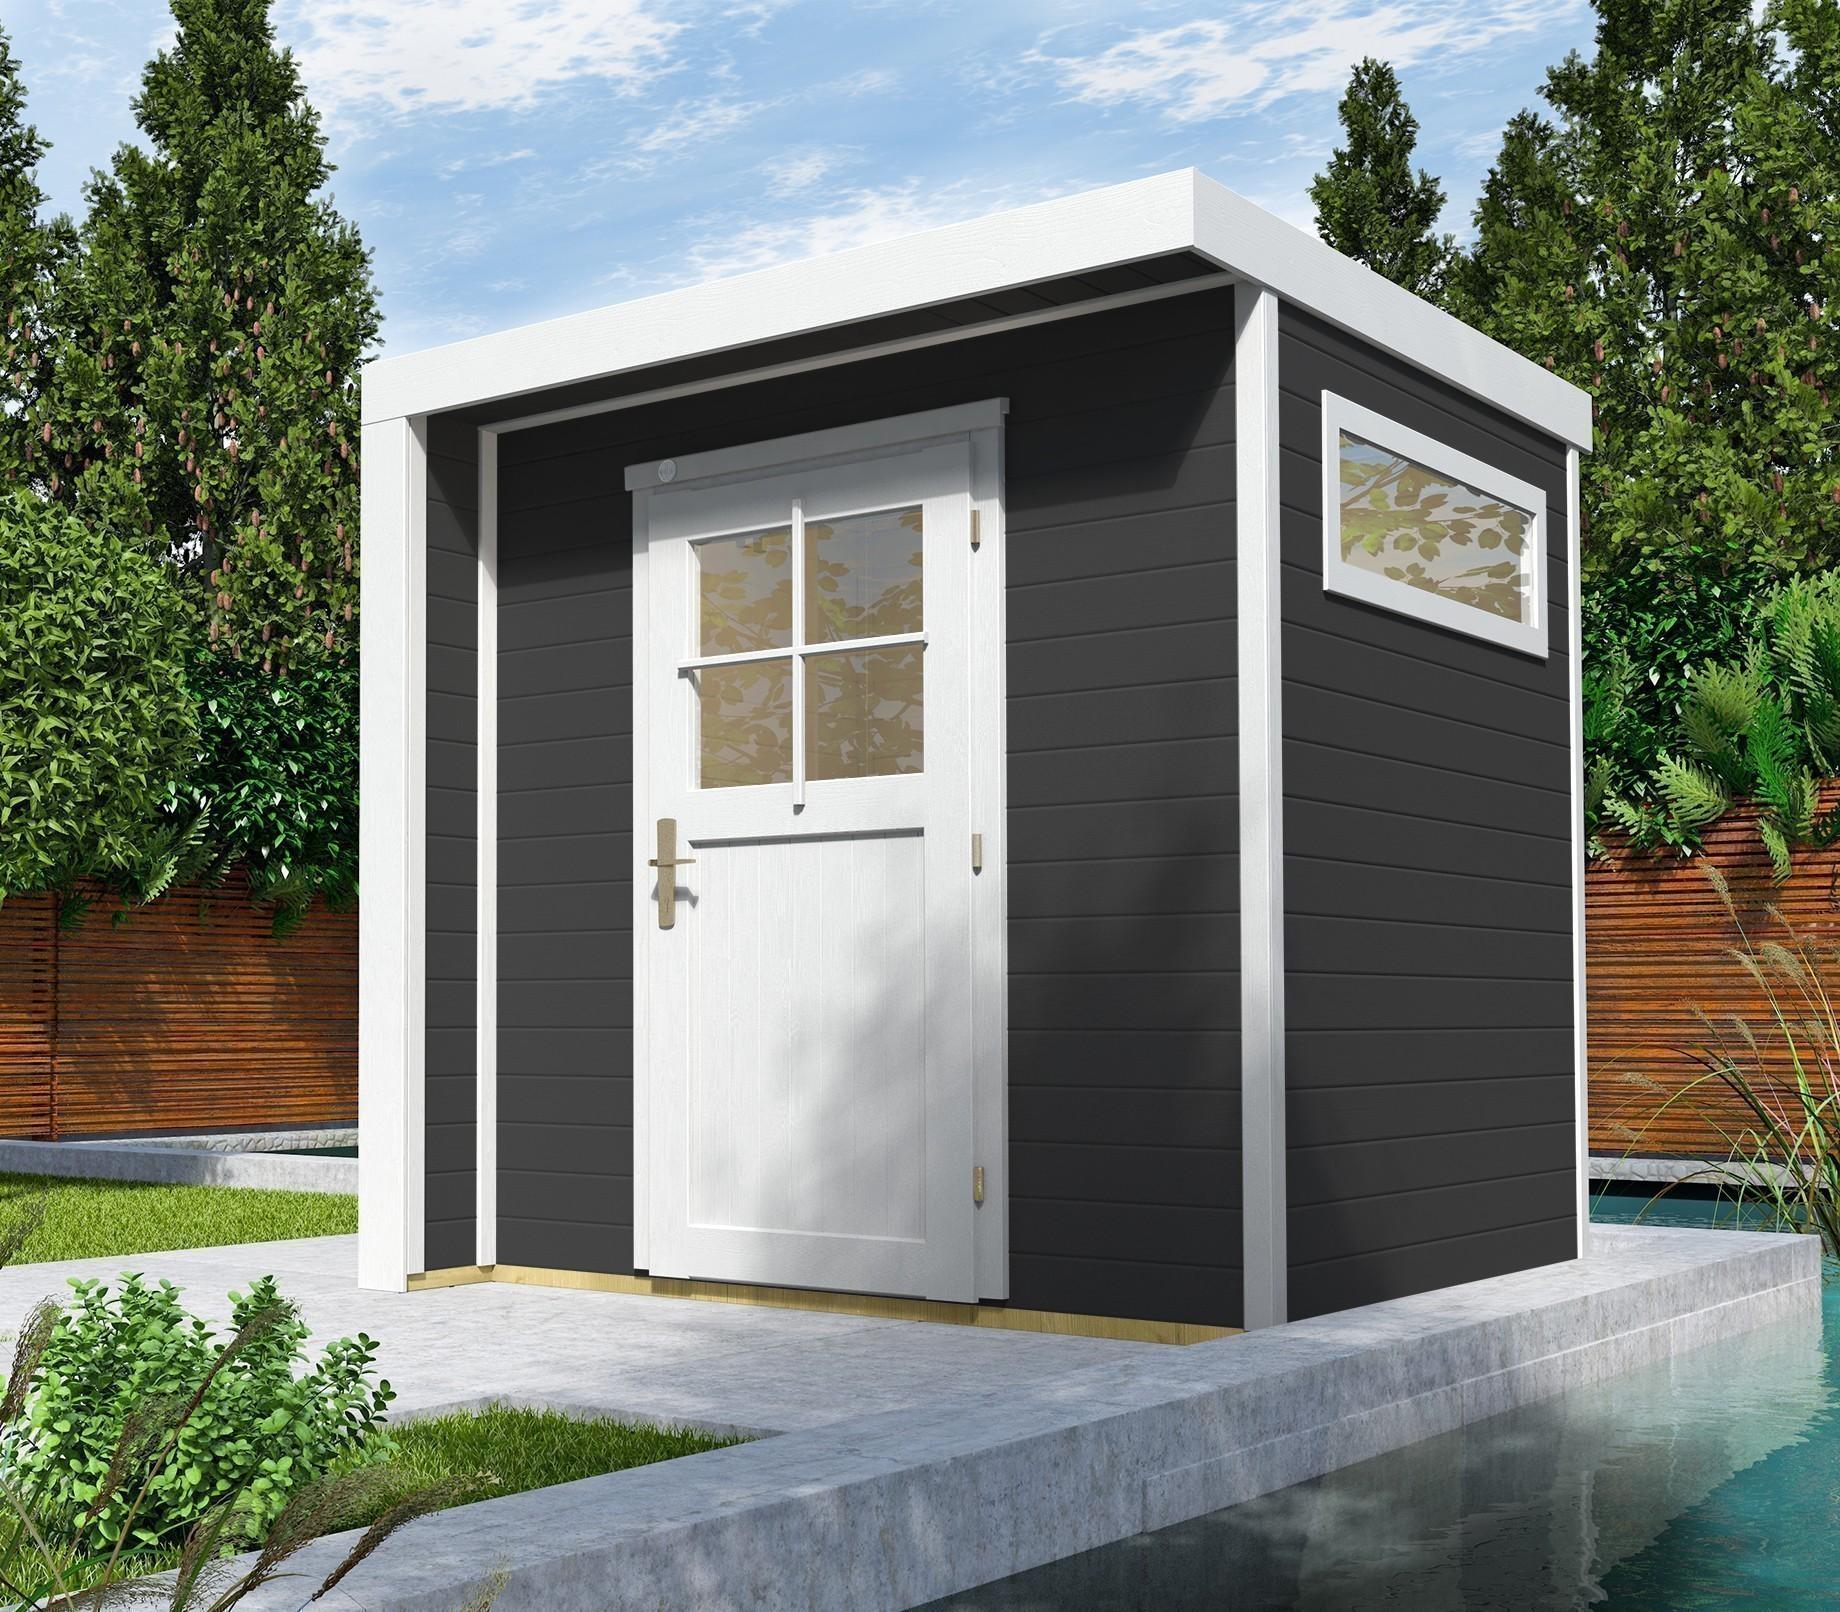 weka gartenhaus 21 mm designhaus 262 anthrazit 214x215cm bei. Black Bedroom Furniture Sets. Home Design Ideas